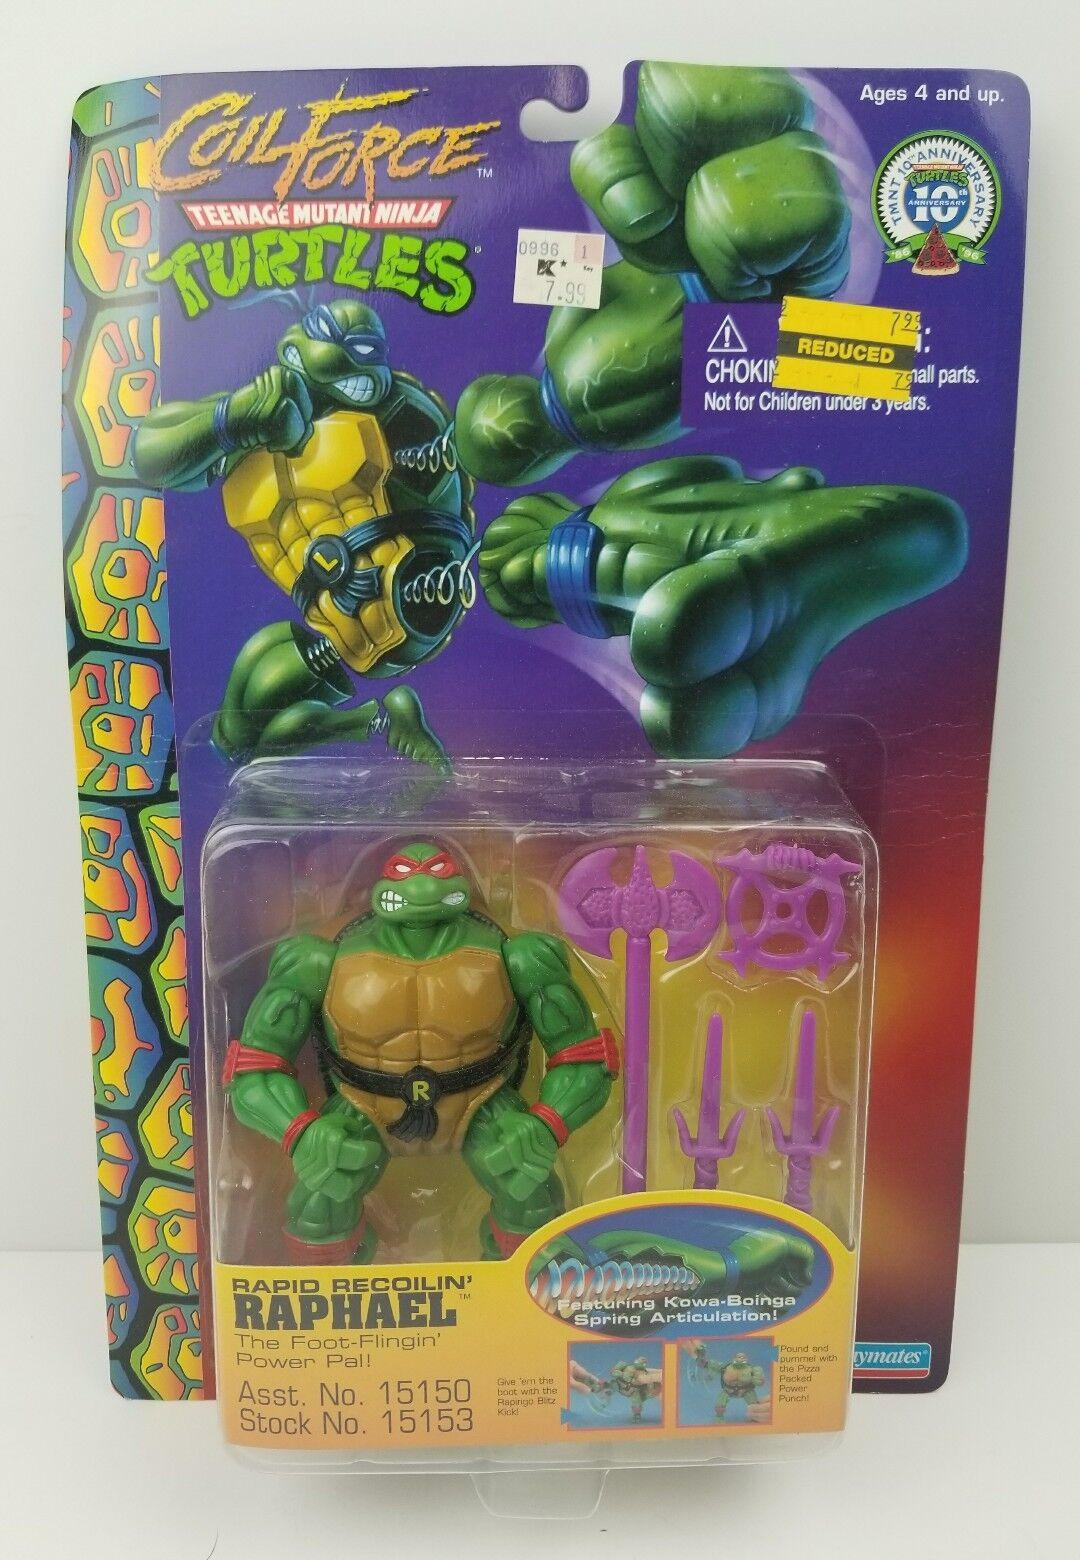 Teenage Mutant Ninja Turtles TMNT Coil Force Rapid Recoilin' Raphael Raph New